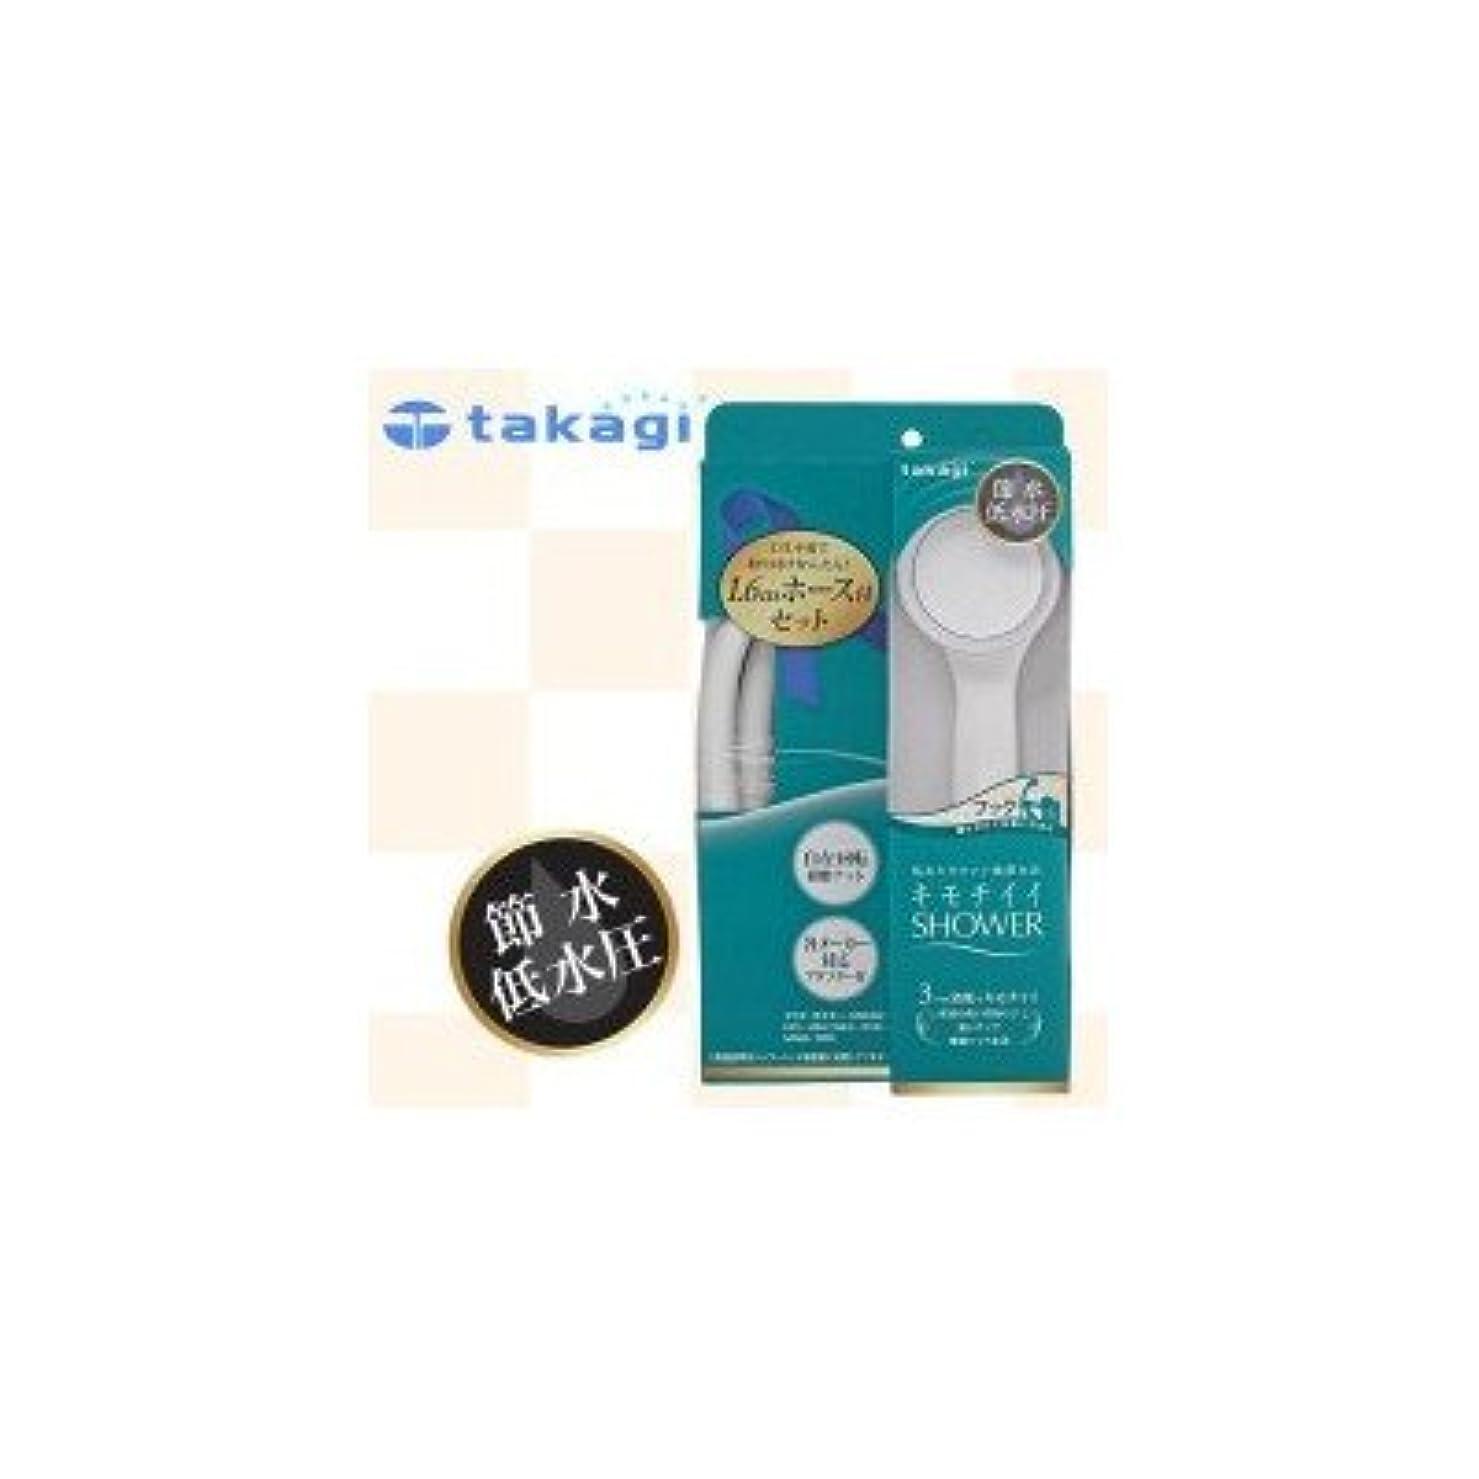 記者覚醒動力学takagi タカギ 浴室用シャワーヘッド キモチイイシャワーホースセットWT フックタイプ